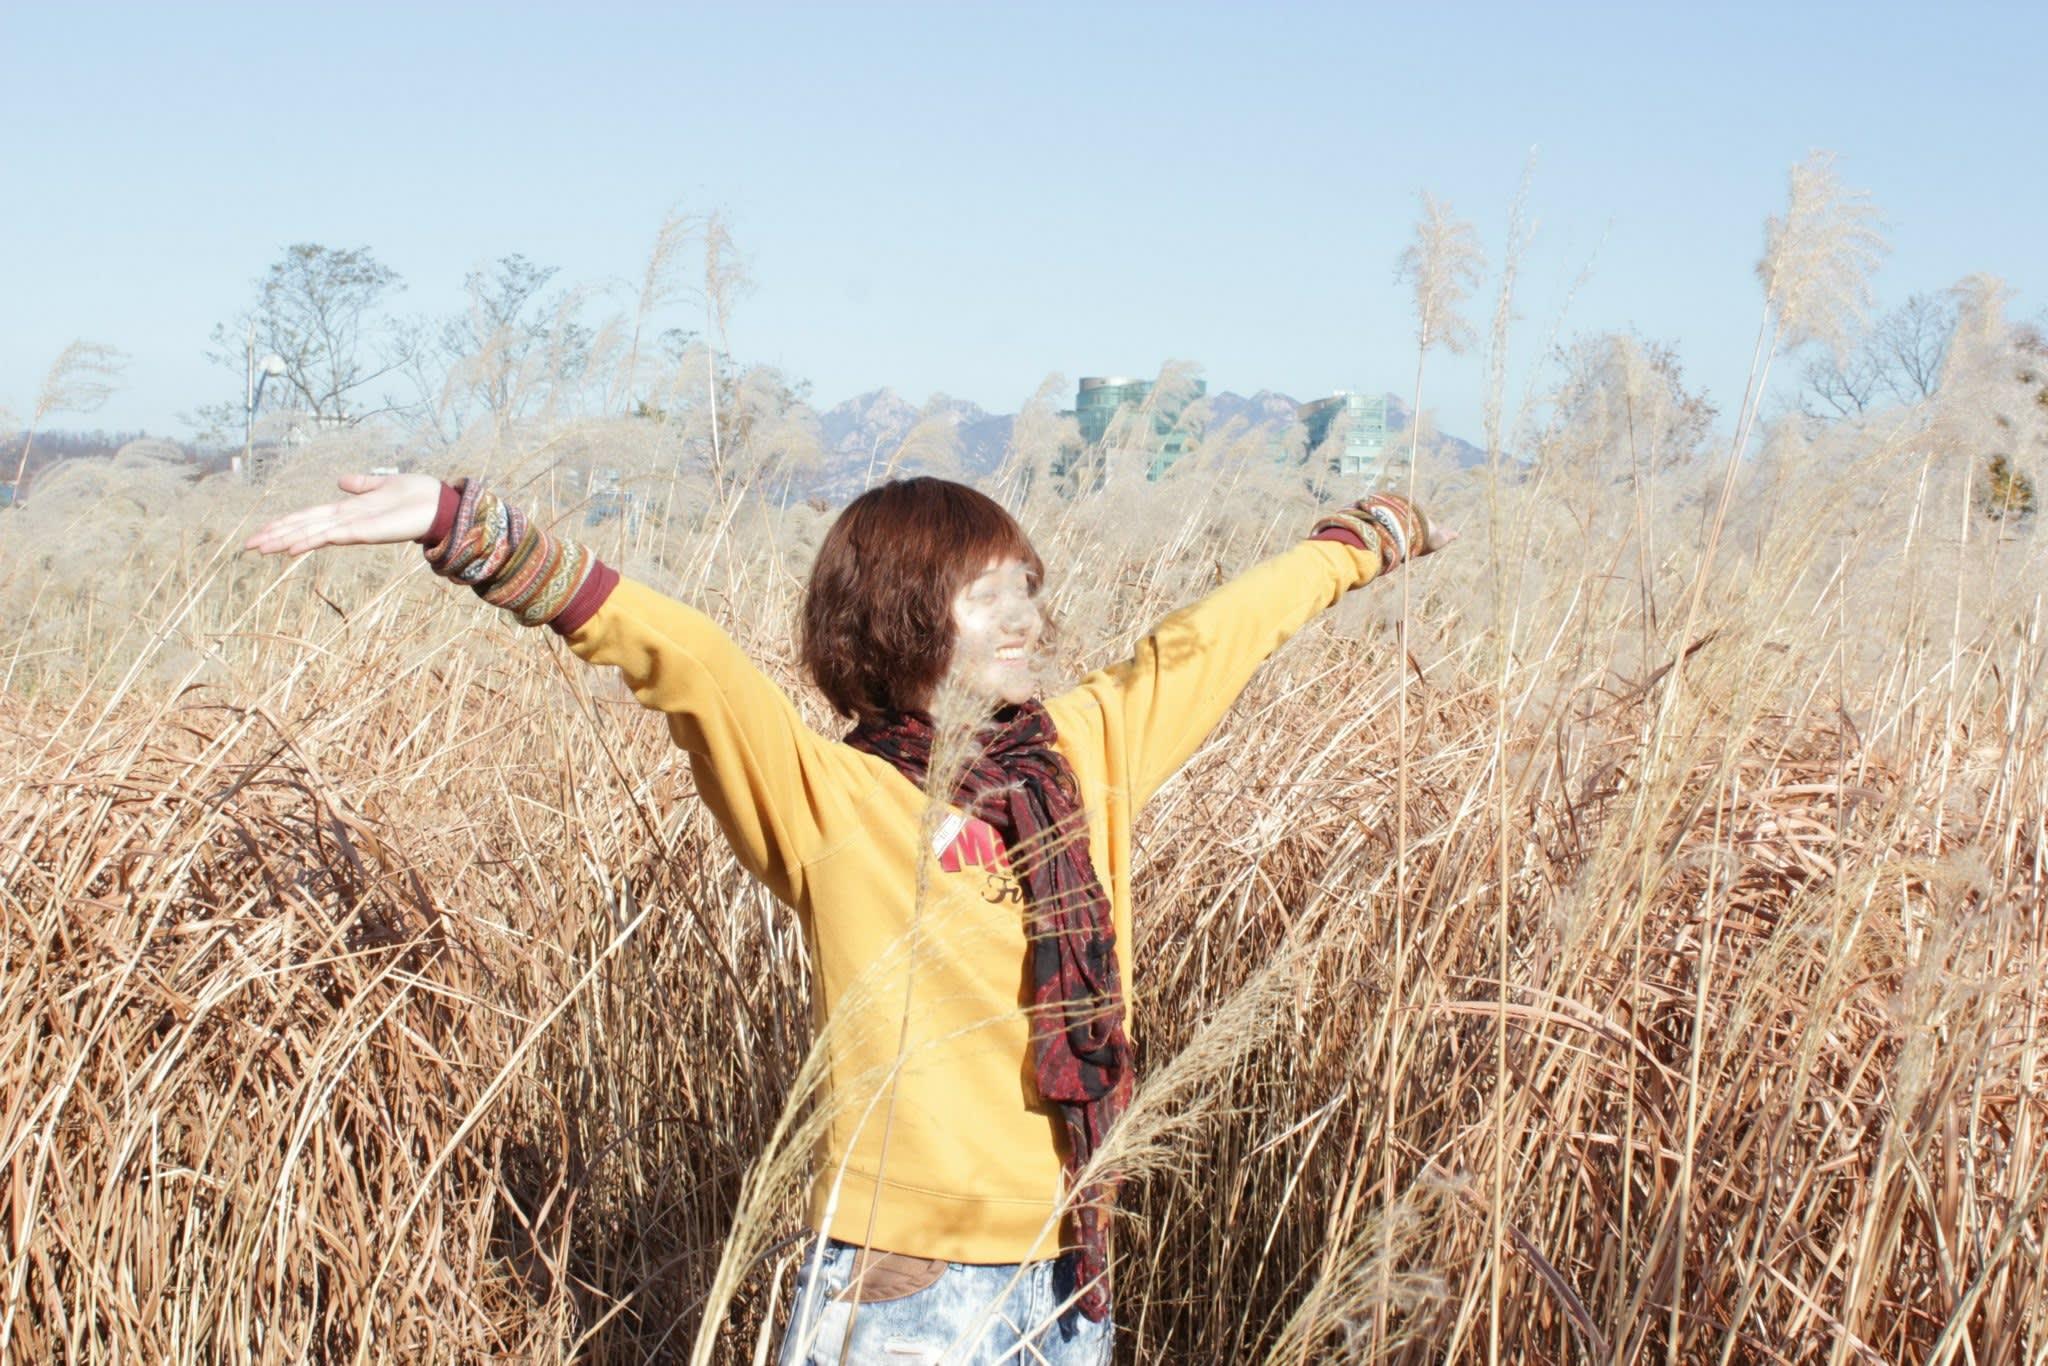 【首爾景點】韓國IG網美最新打卡景點:天空公園紫芒草季 - KLOOK客路